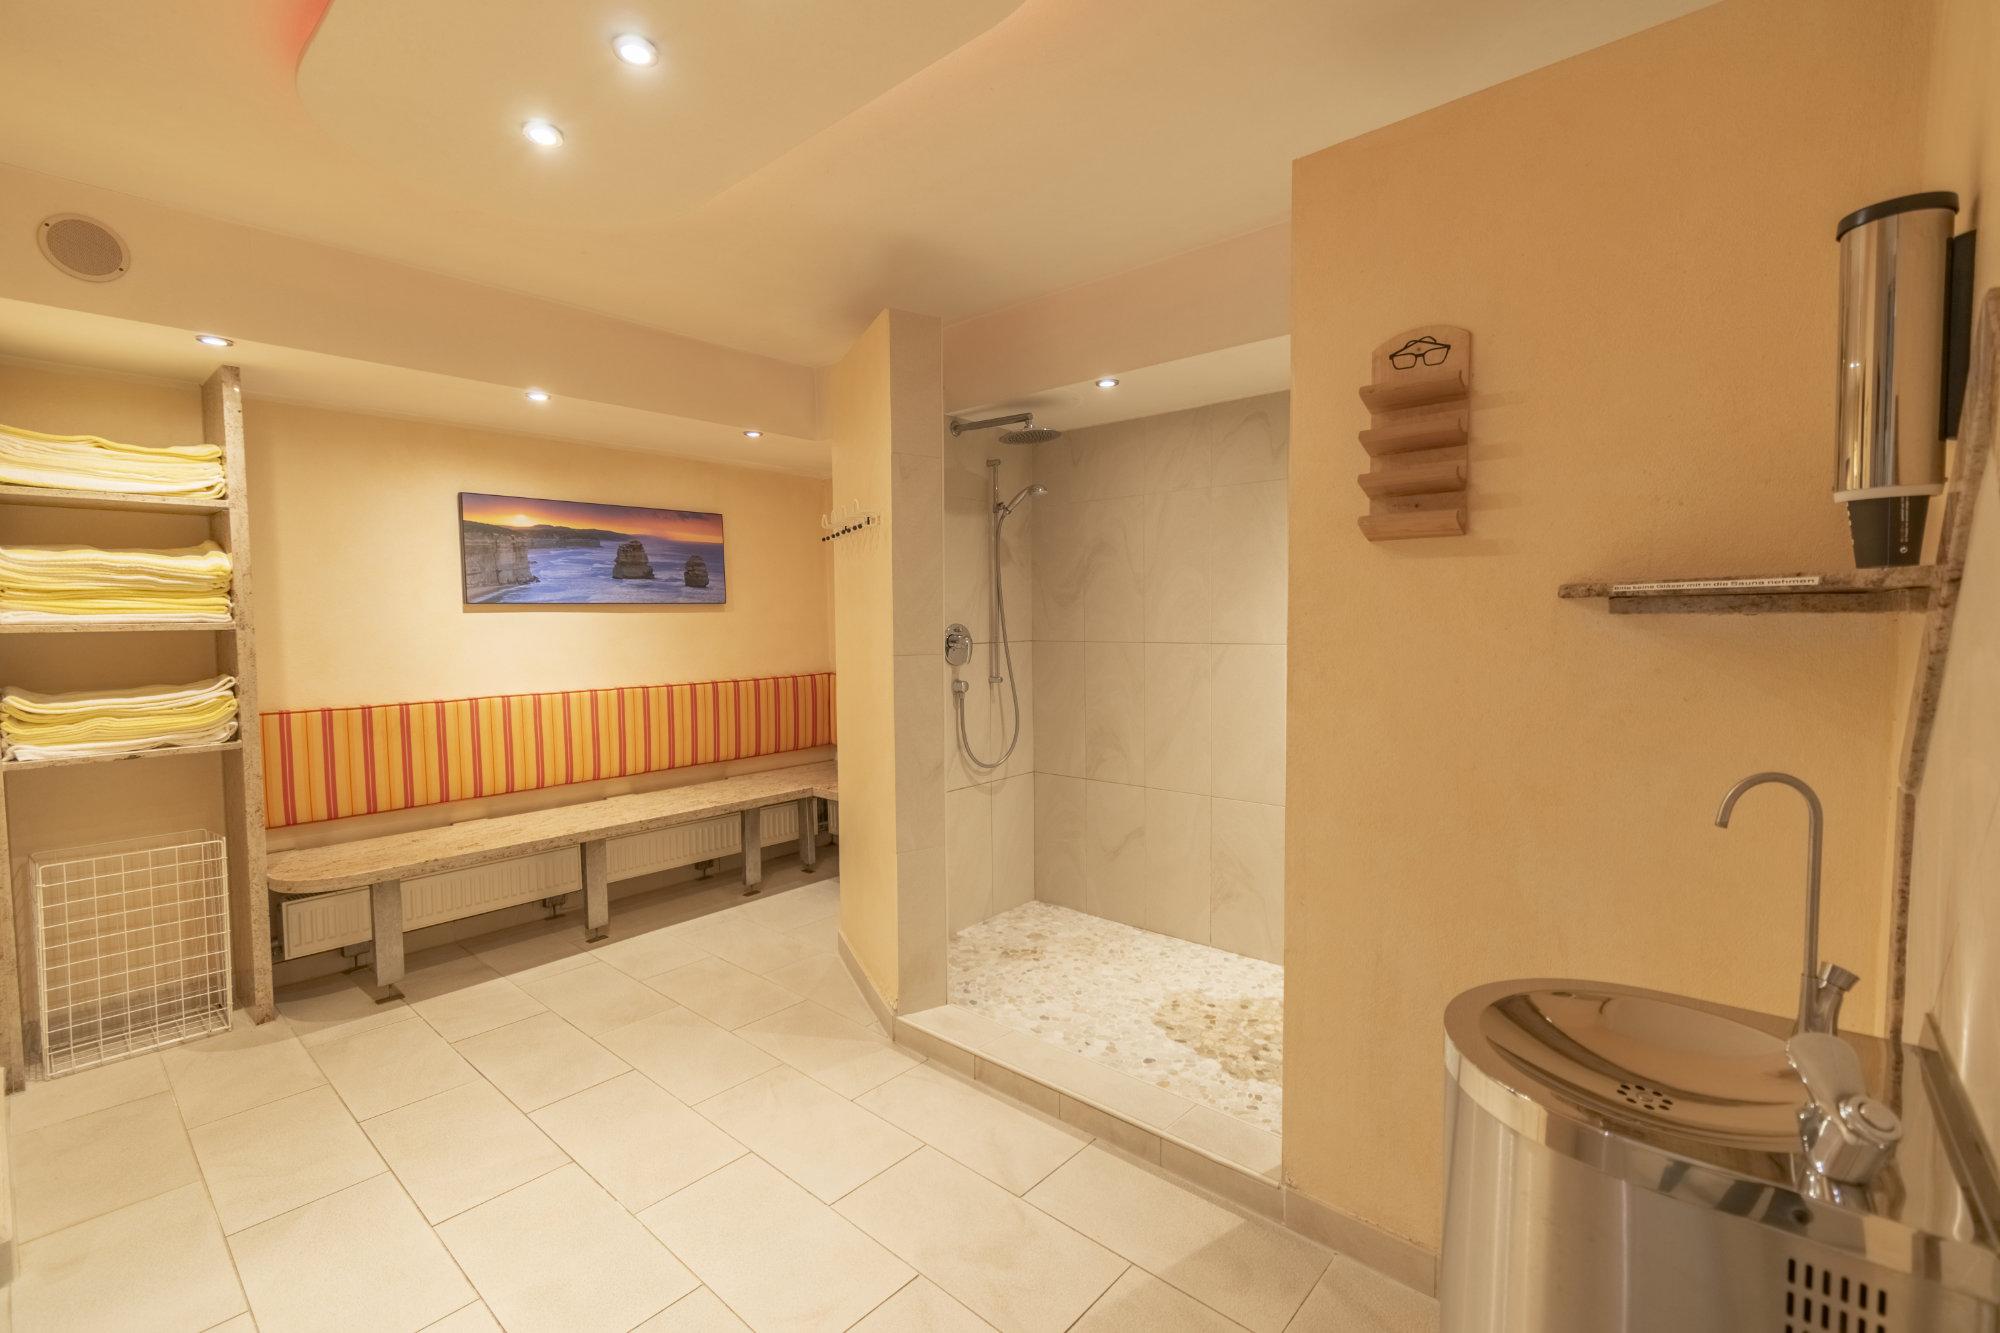 Außenbereich vor der Sauna mit Duschen und Trinkbrunnen